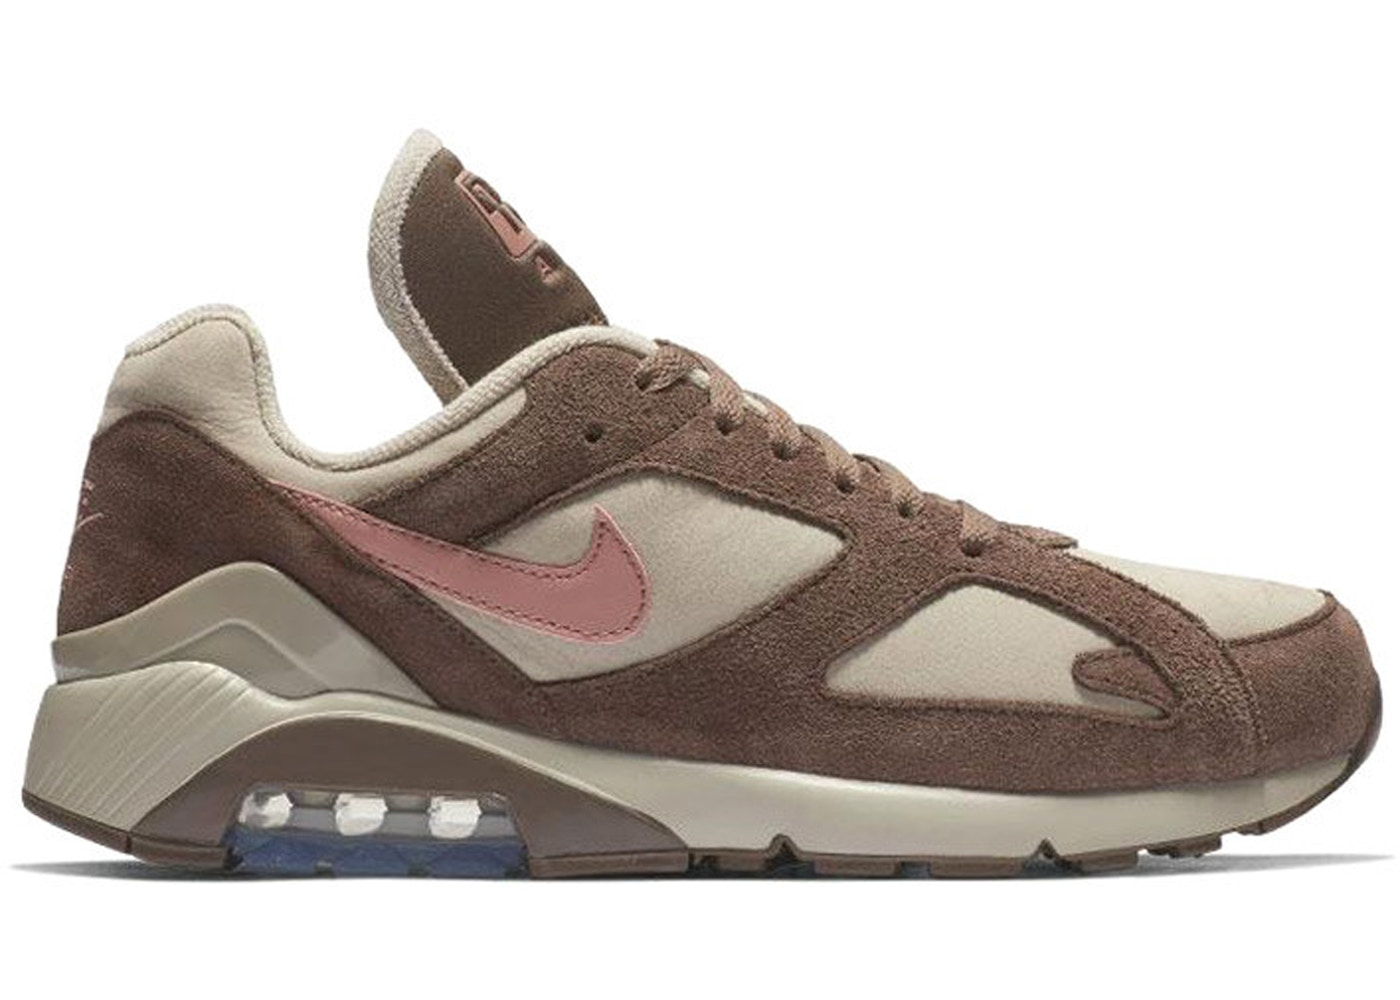 Nike Air Max 180 Bacon Av7023 200